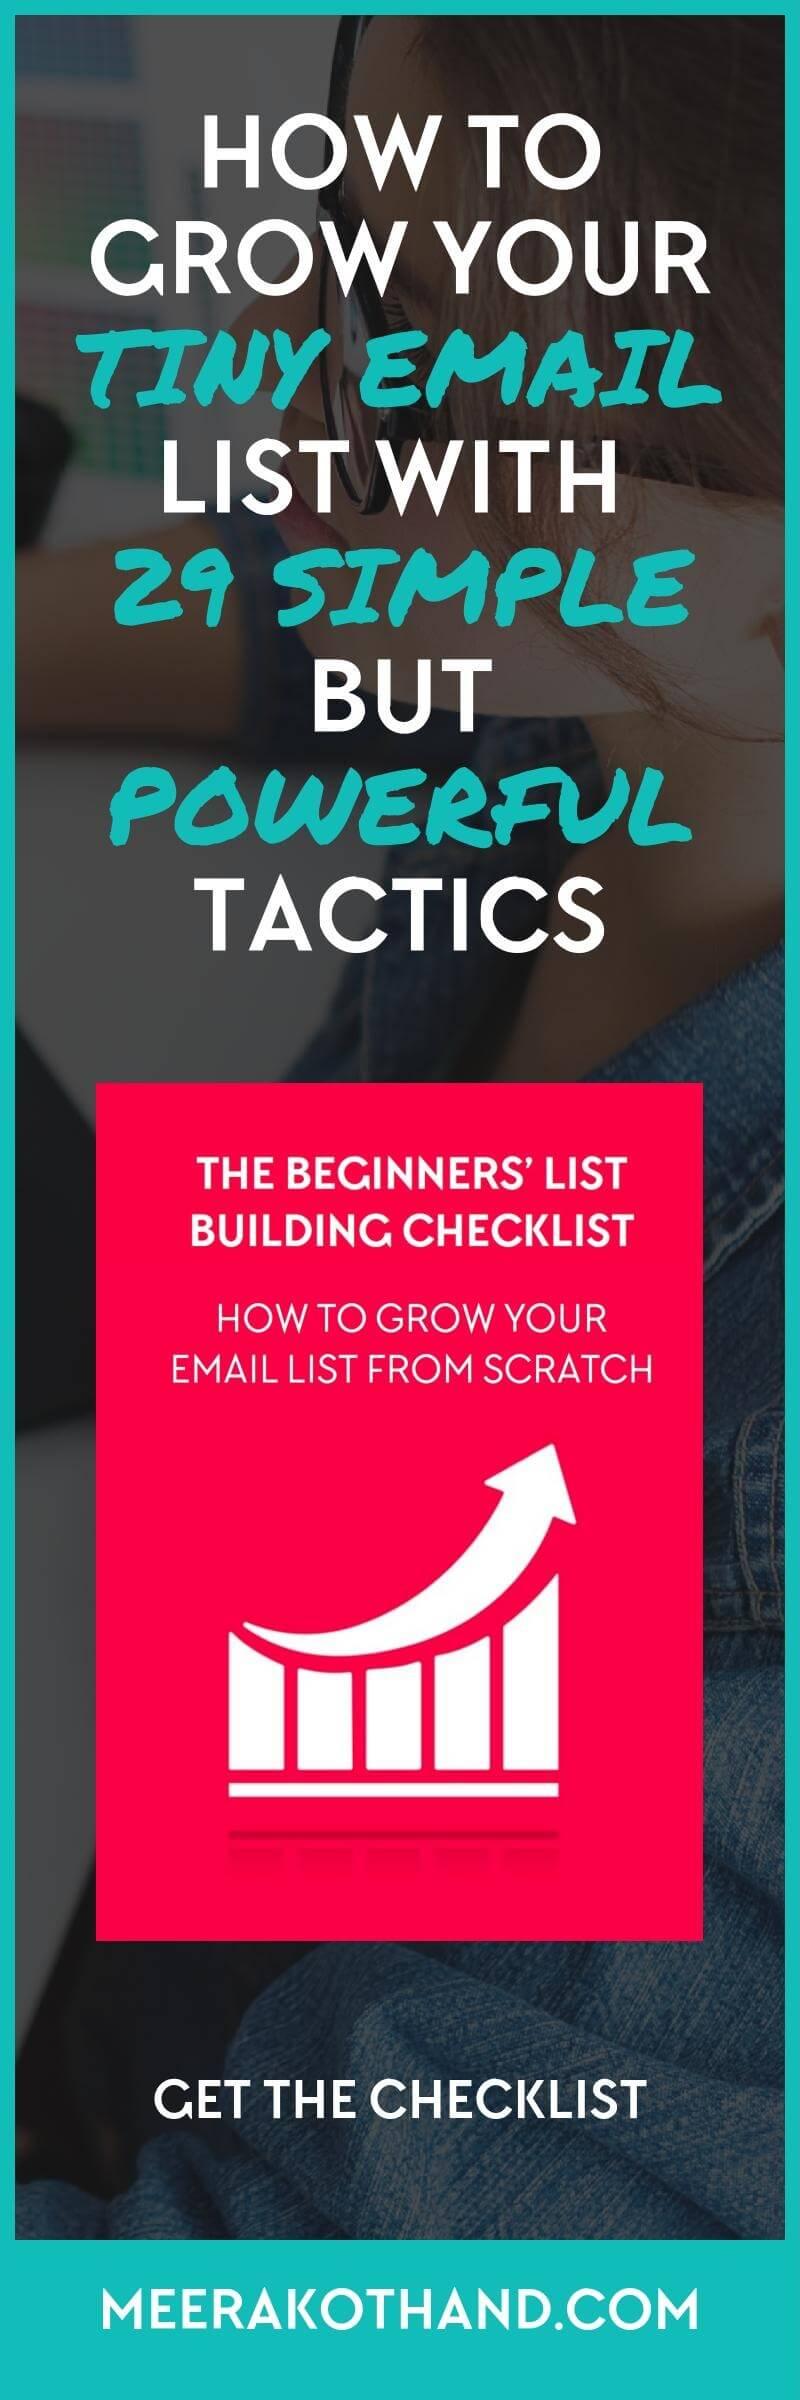 grow tiny email list